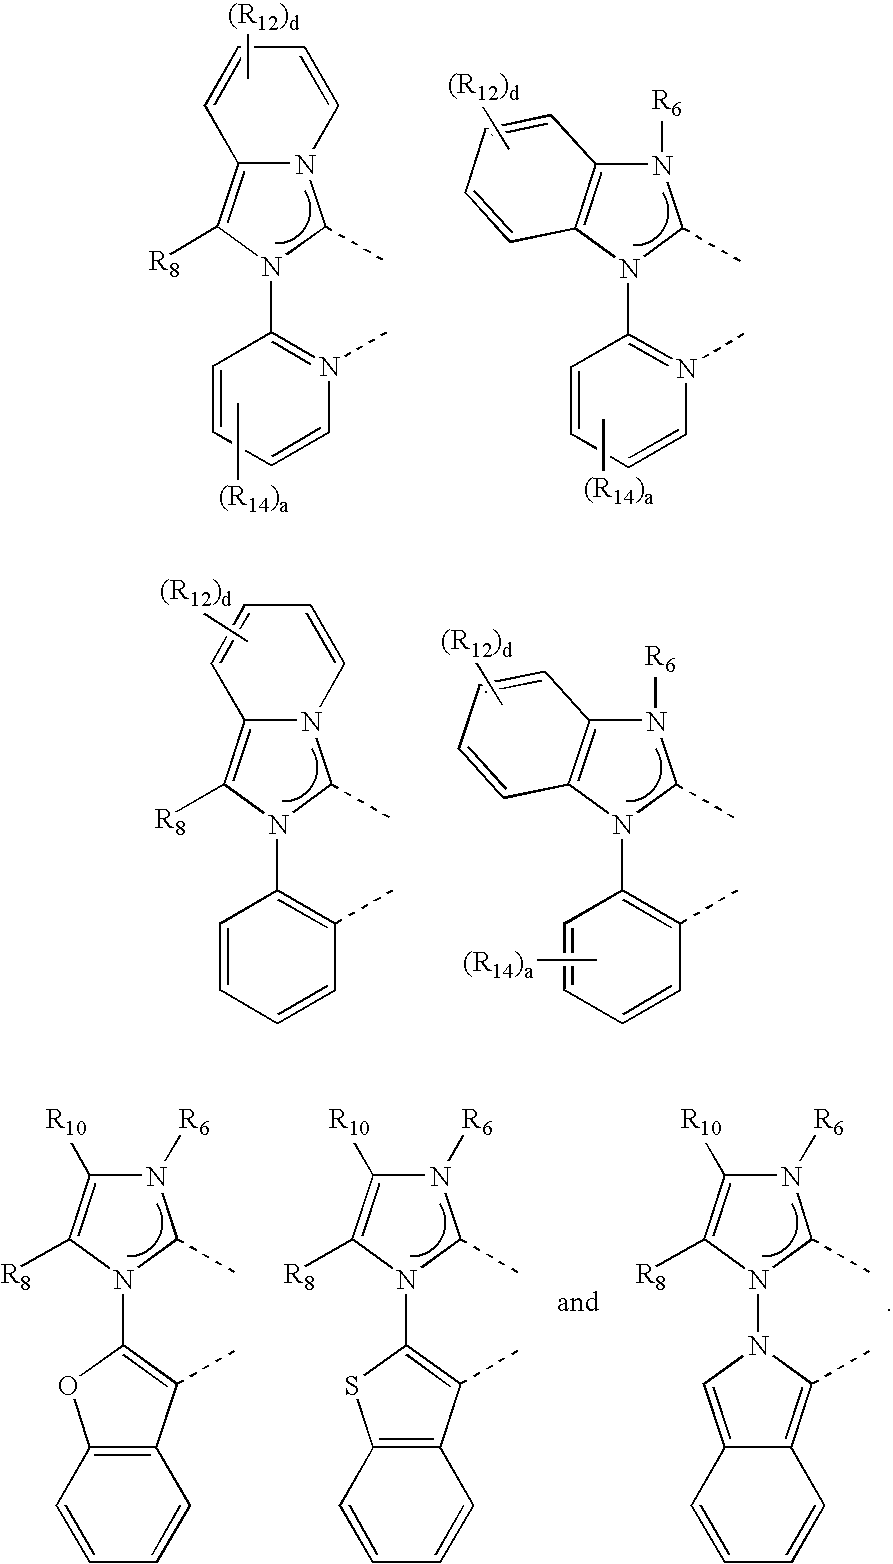 Figure US20050260441A1-20051124-C00078